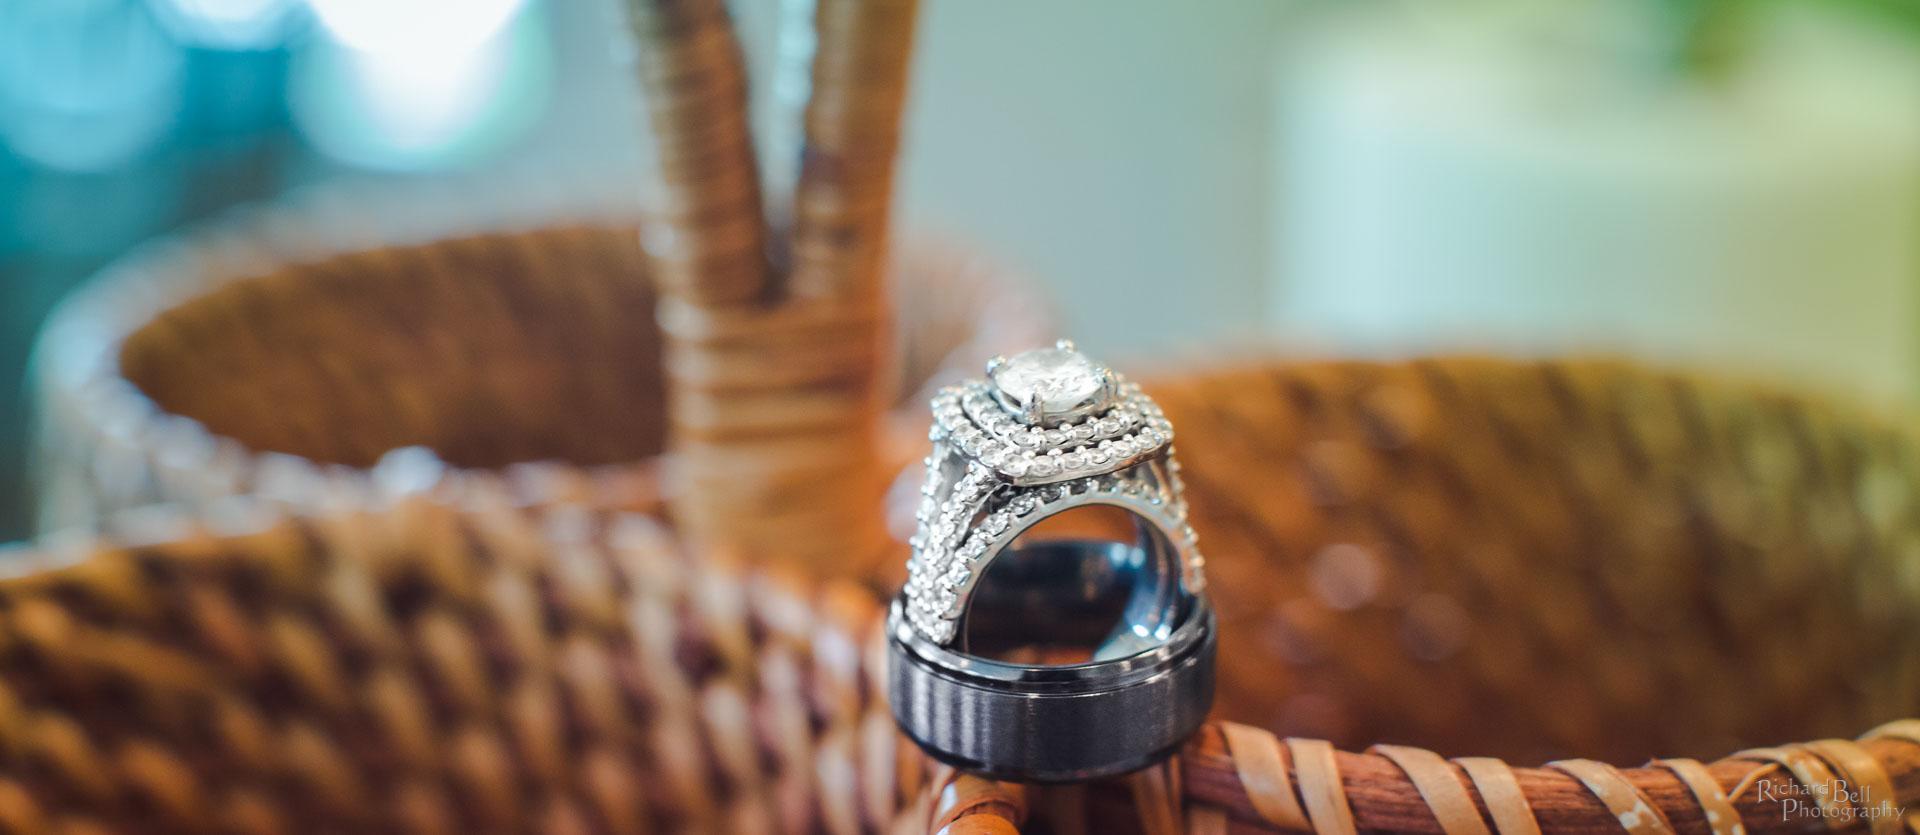 Finley Rings